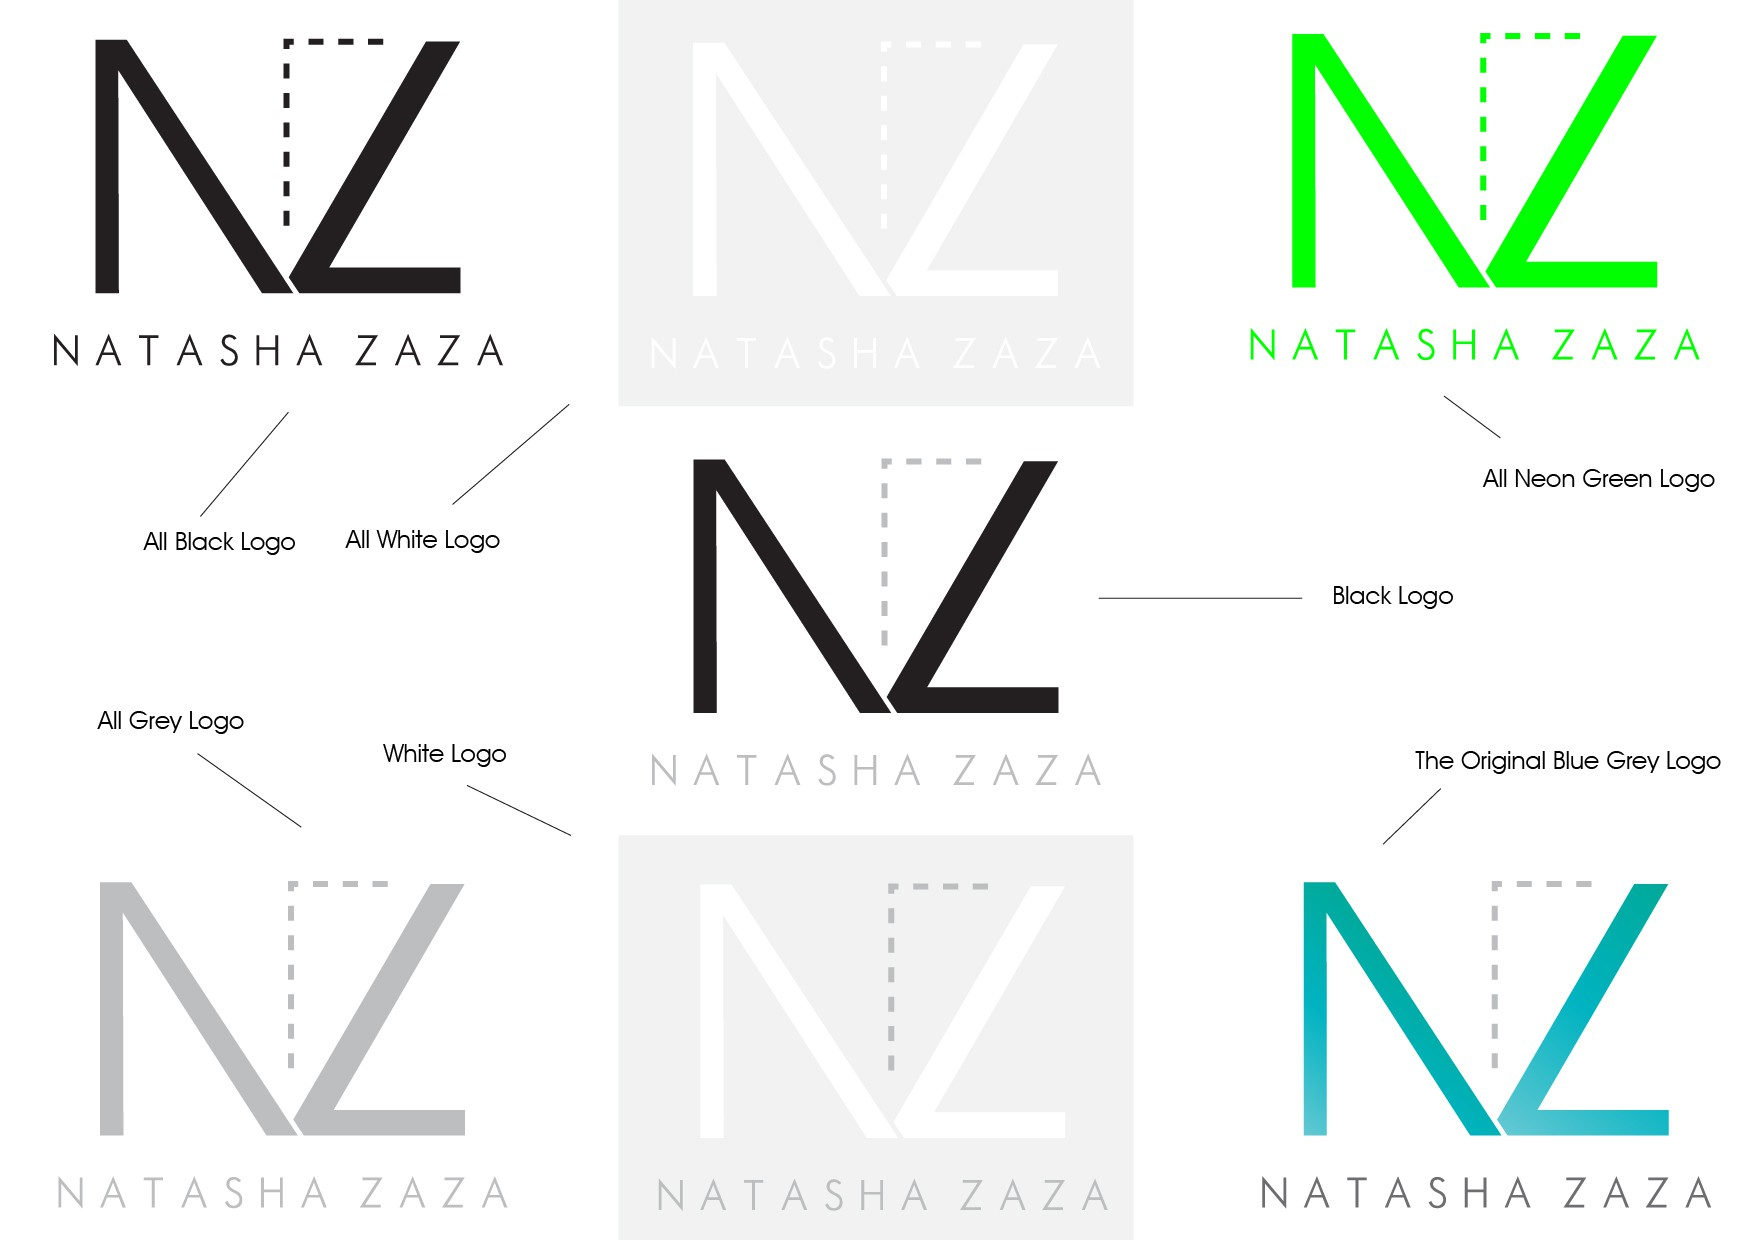 natasha zaza needs a new logo